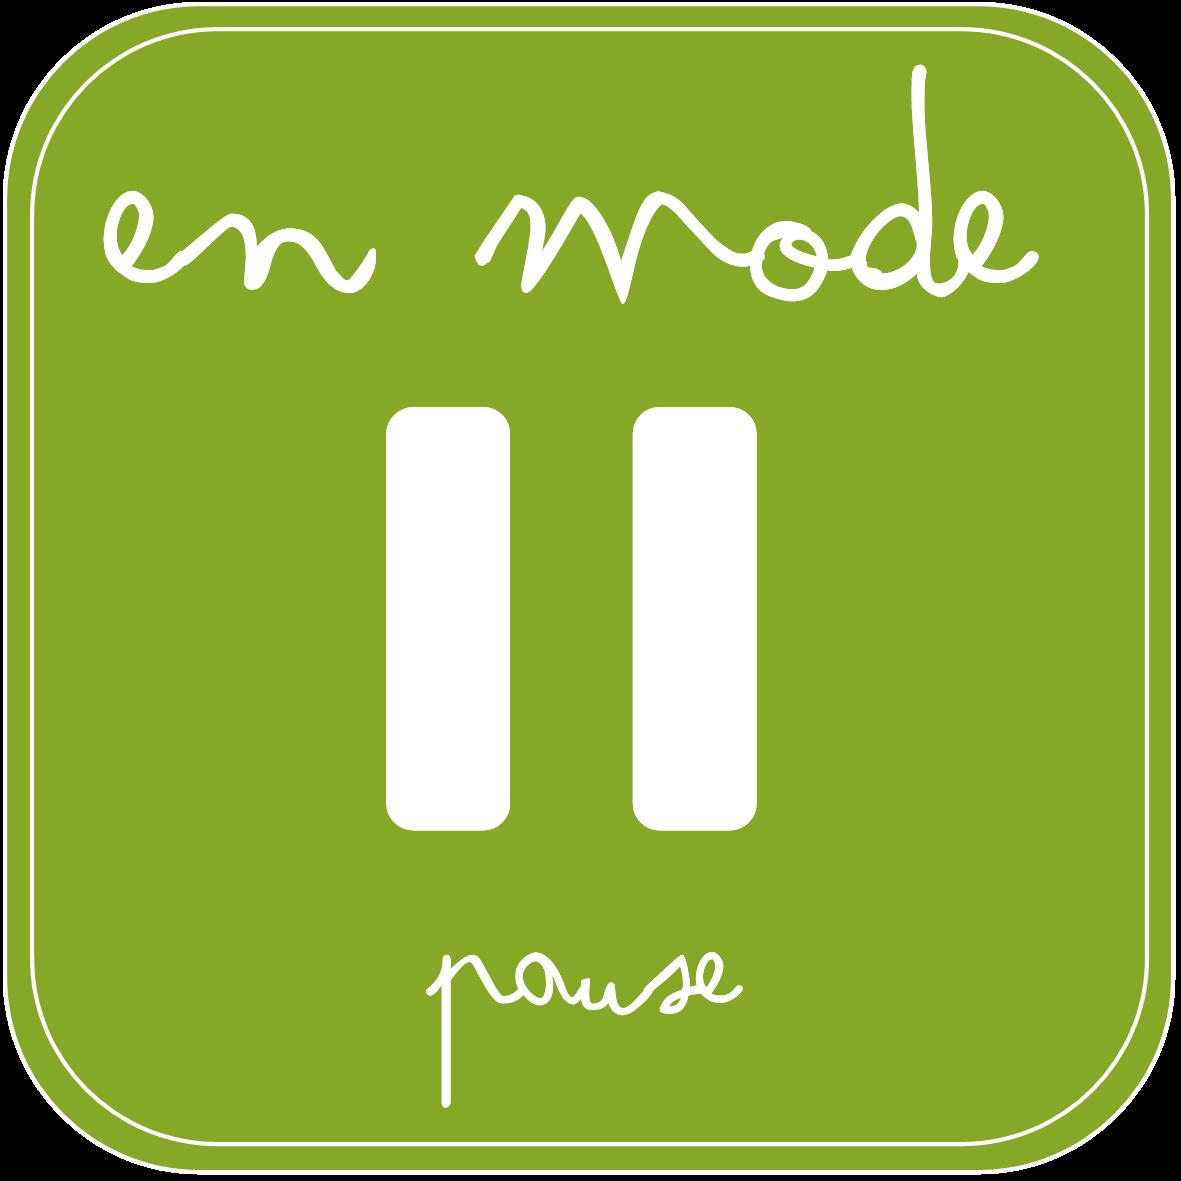 D Coration Vacances En Octobre 2014 Limoges 16